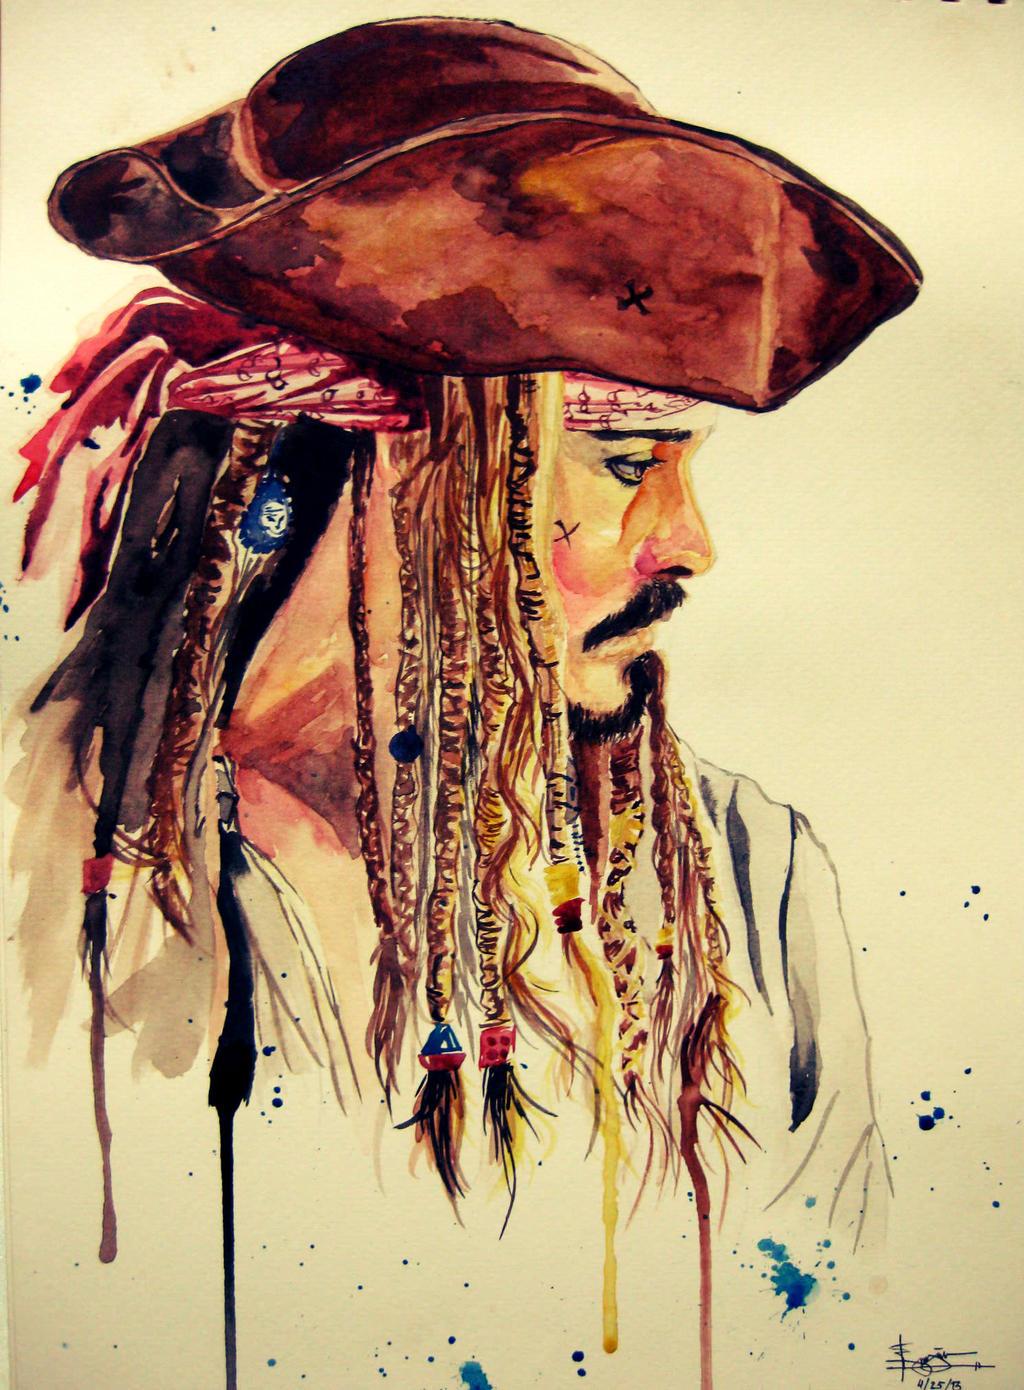 Tribute to  Jack Sparrow by BudsLightyear